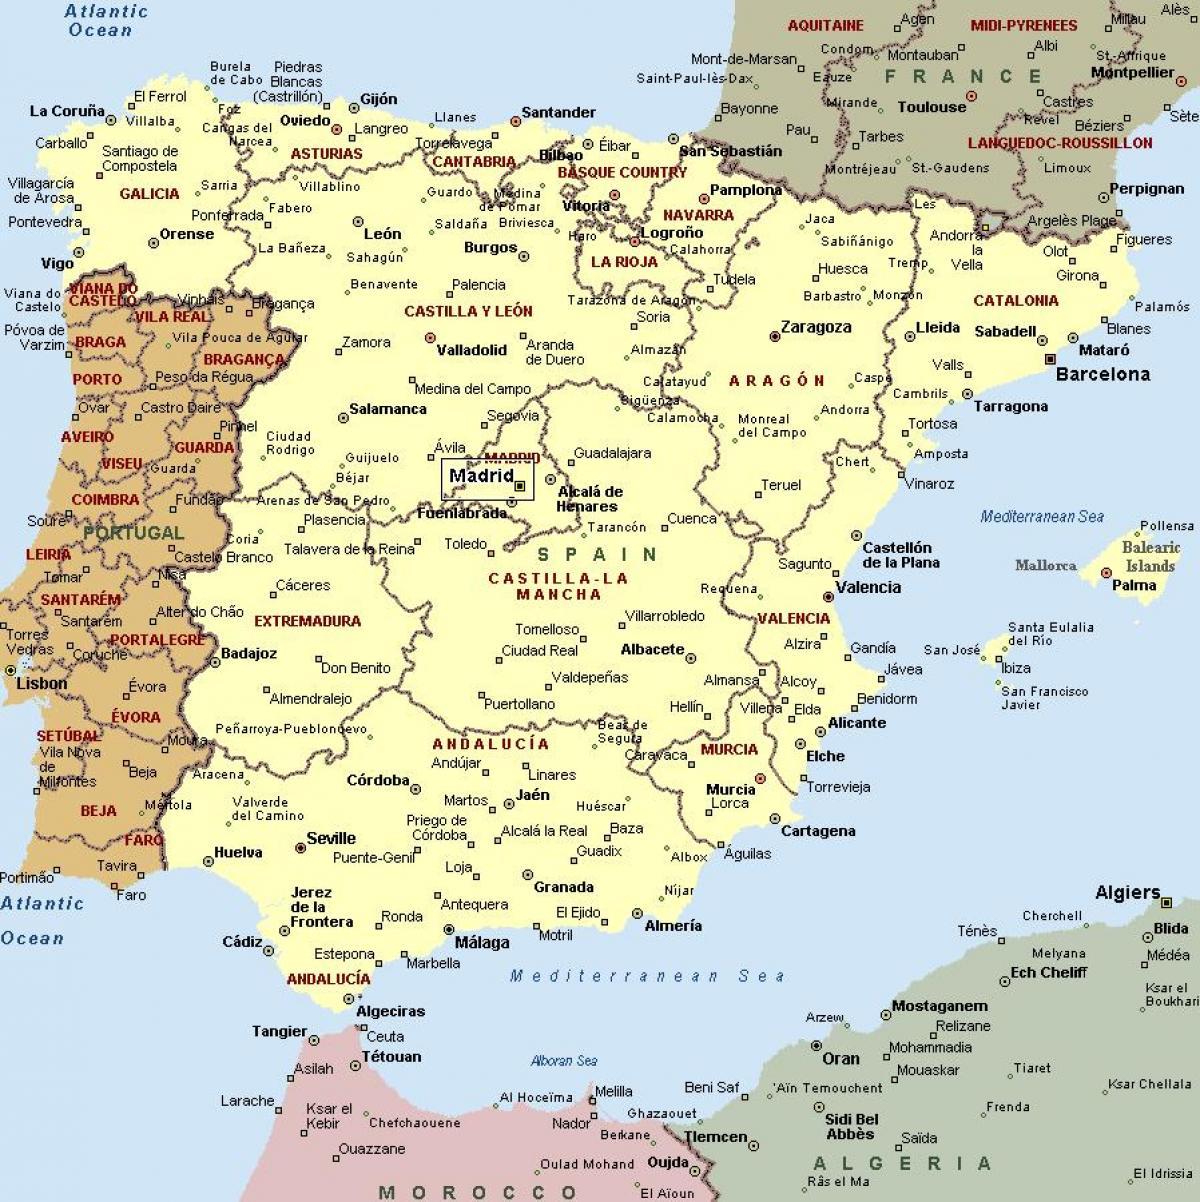 Karte Von Europa Mit Städten.Karte Von Spanien Mit Den Städten Karte Von Spanien Und Städte